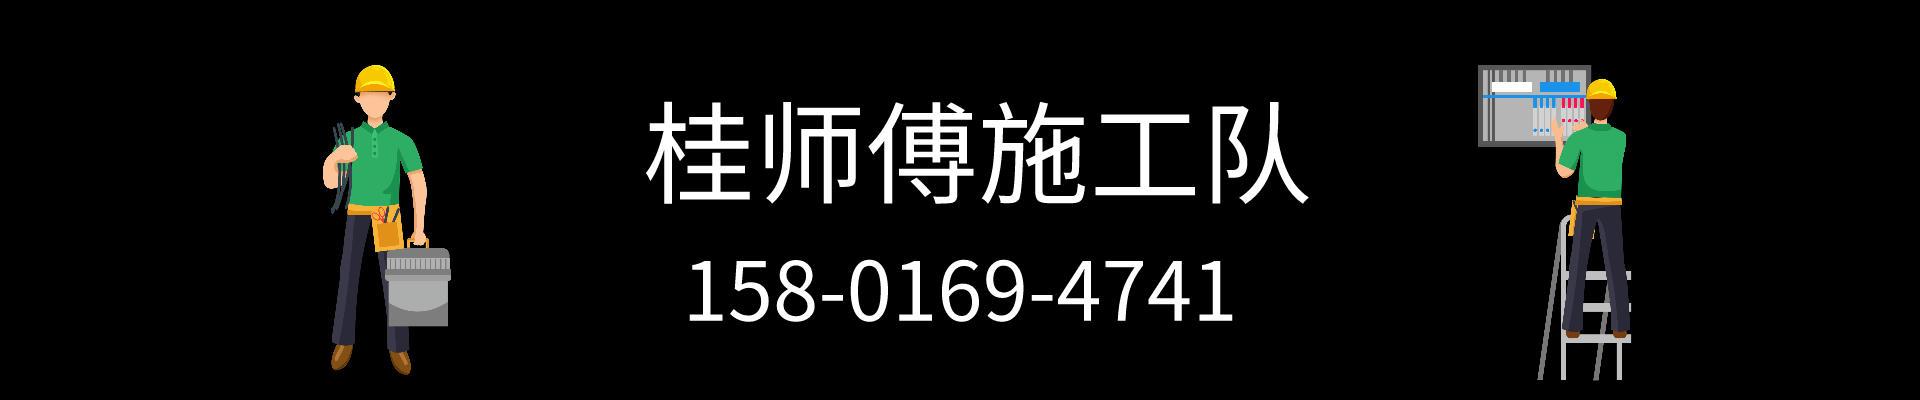 杭州打孔师傅电话